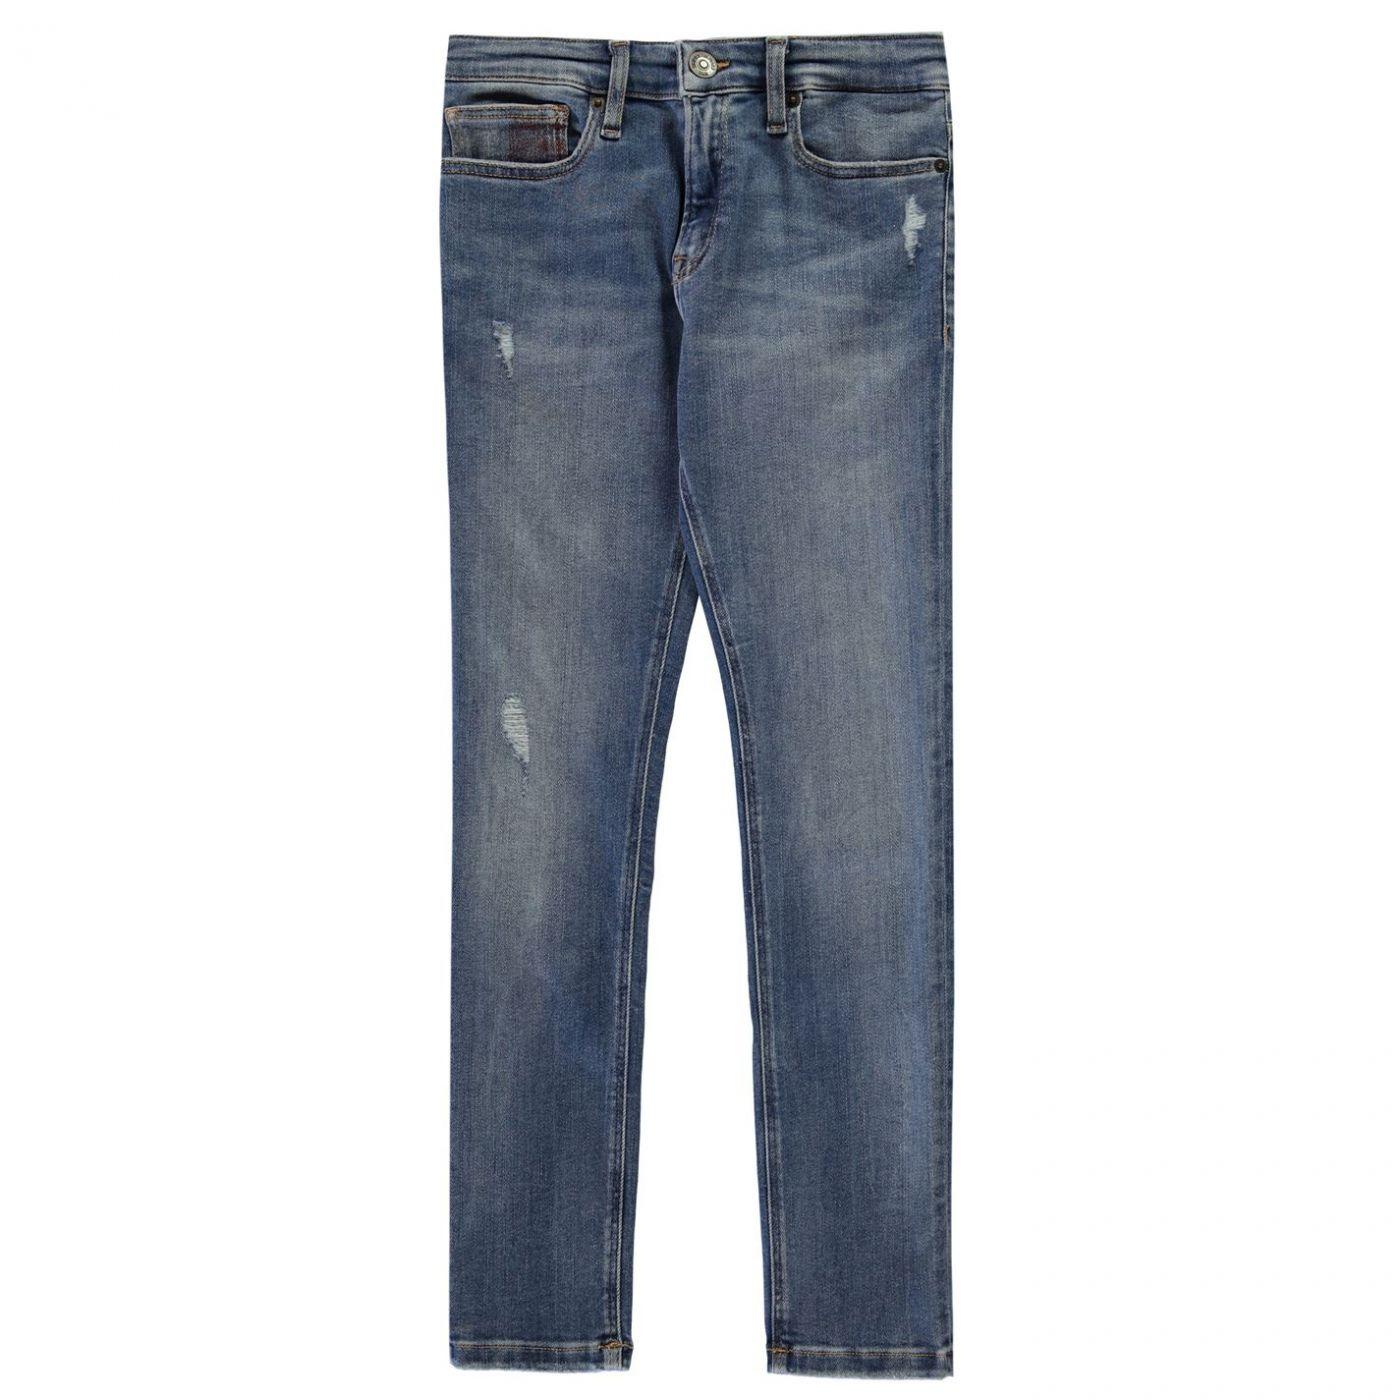 Tommy Hilfiger Steve Slim Jeans